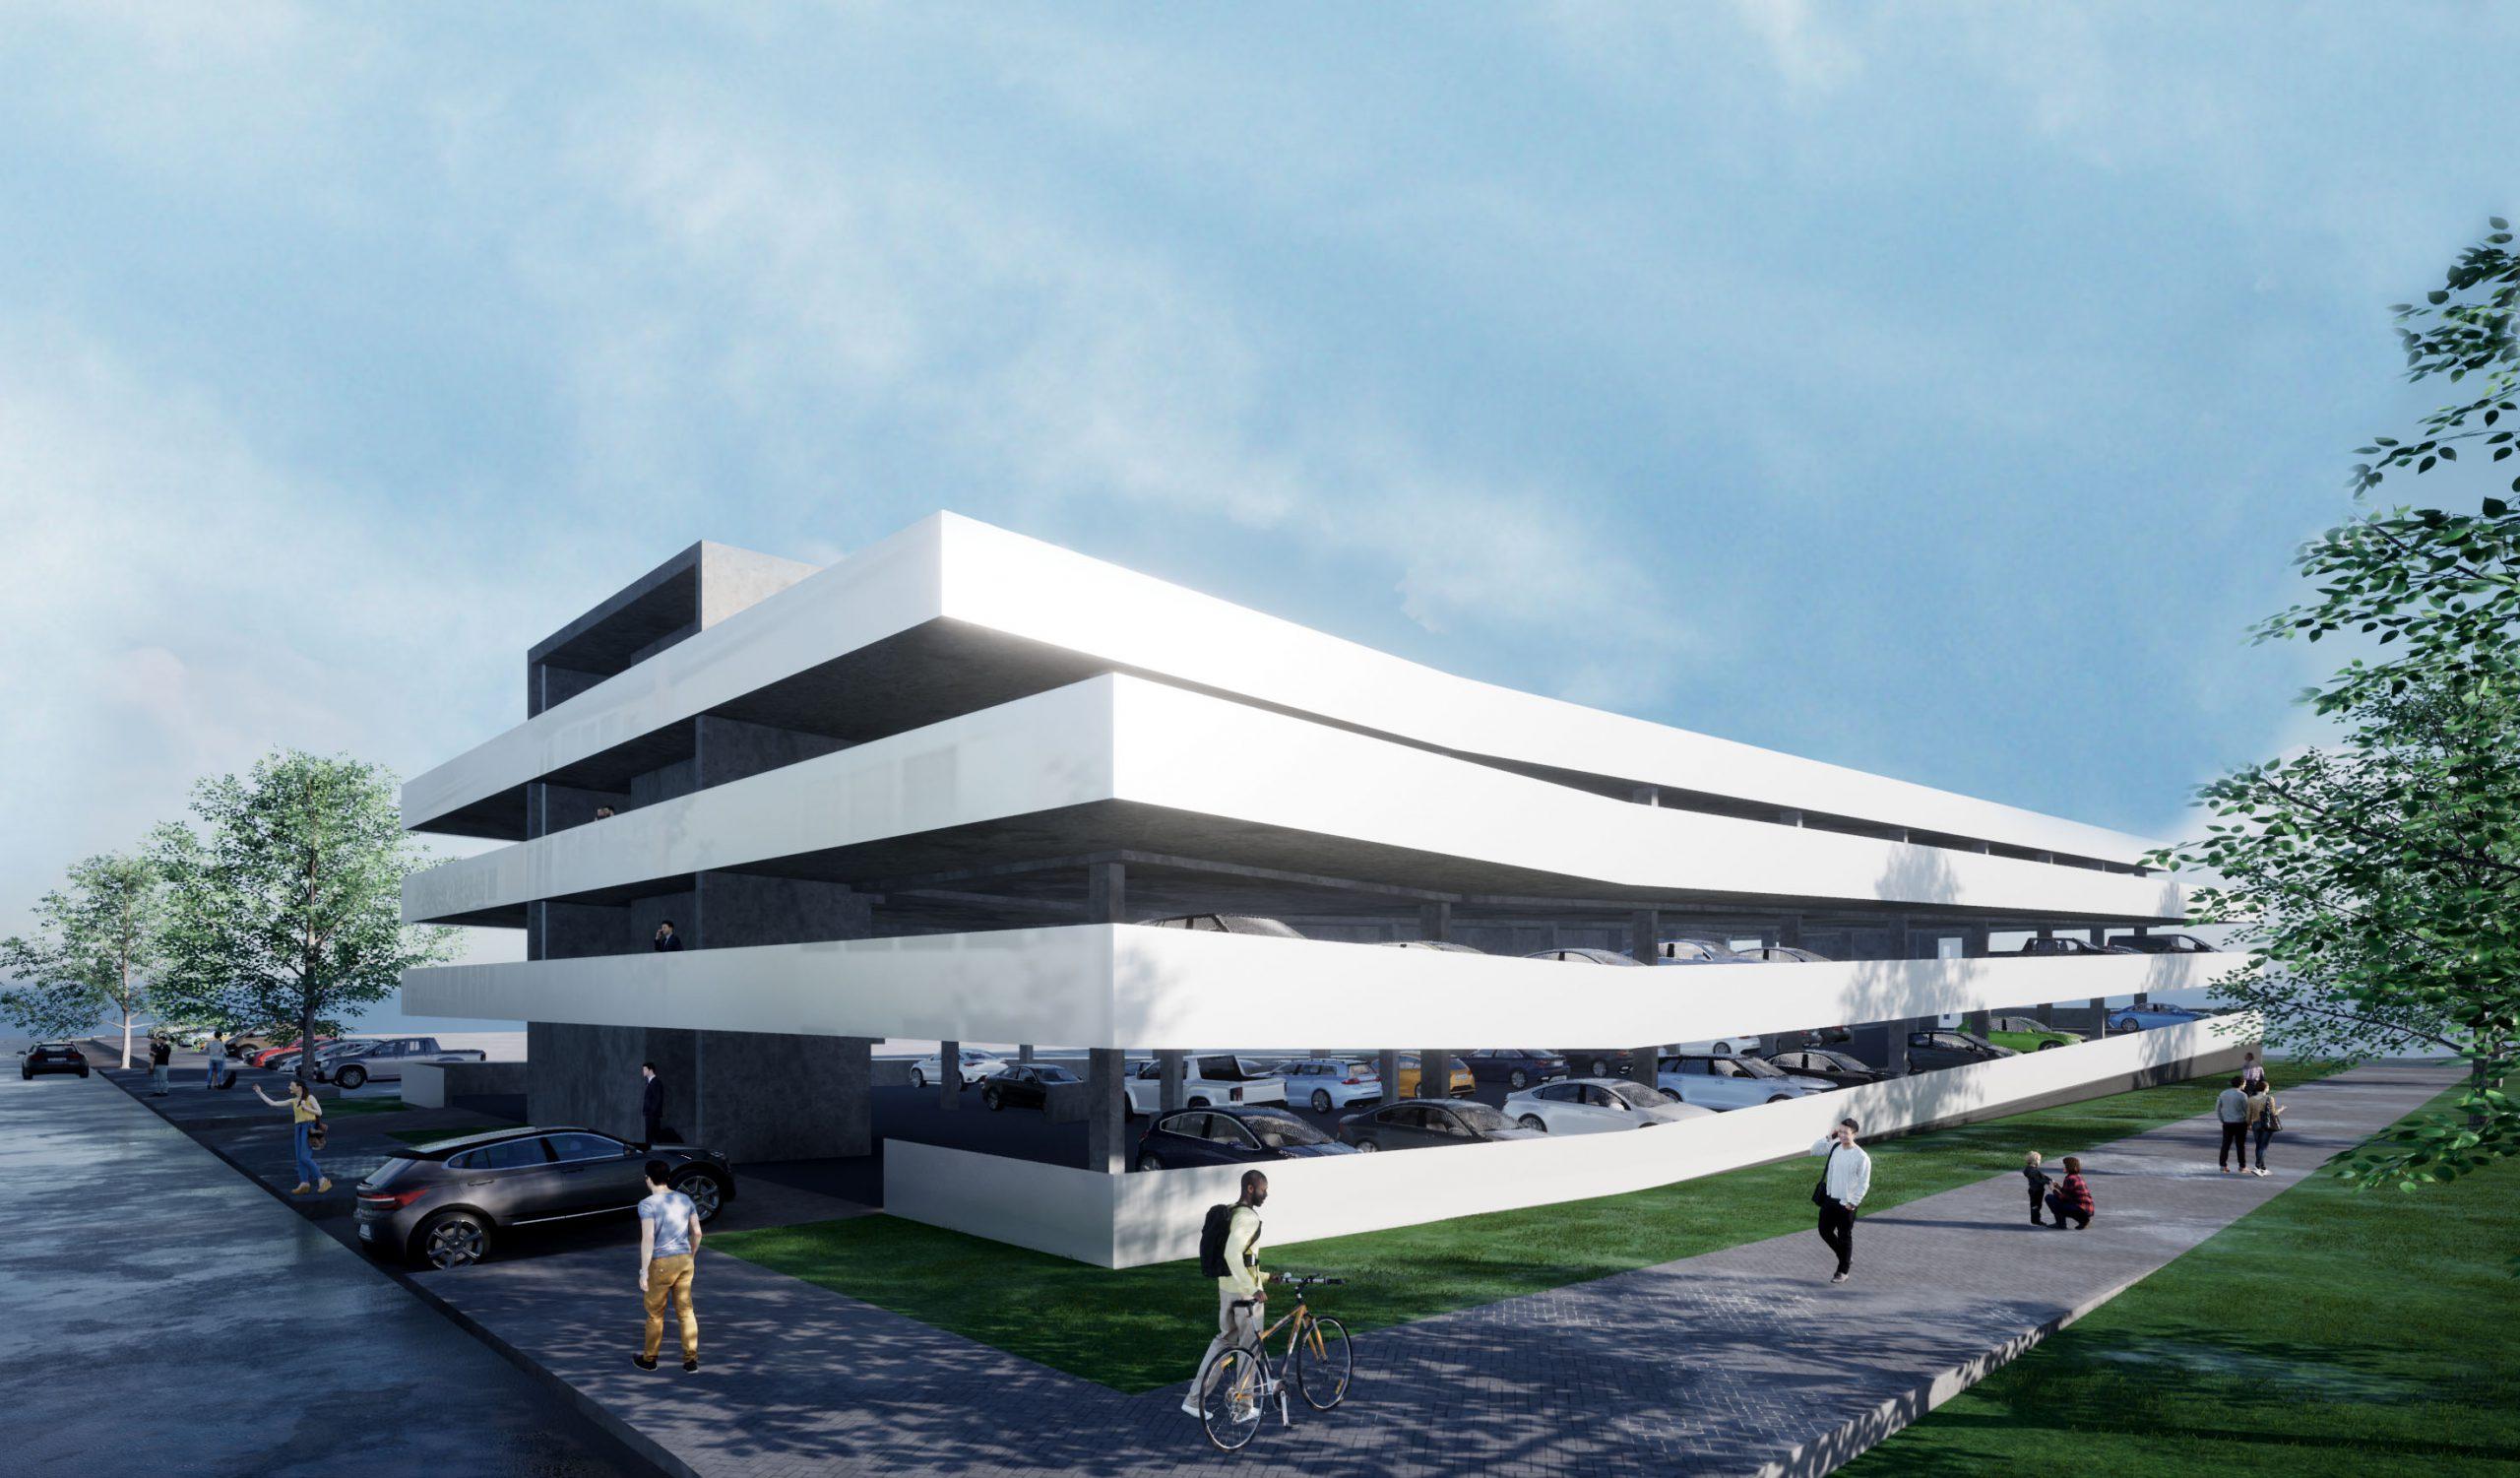 20200604 WGP Aussen Perspektive Metal Fassade neu scaled